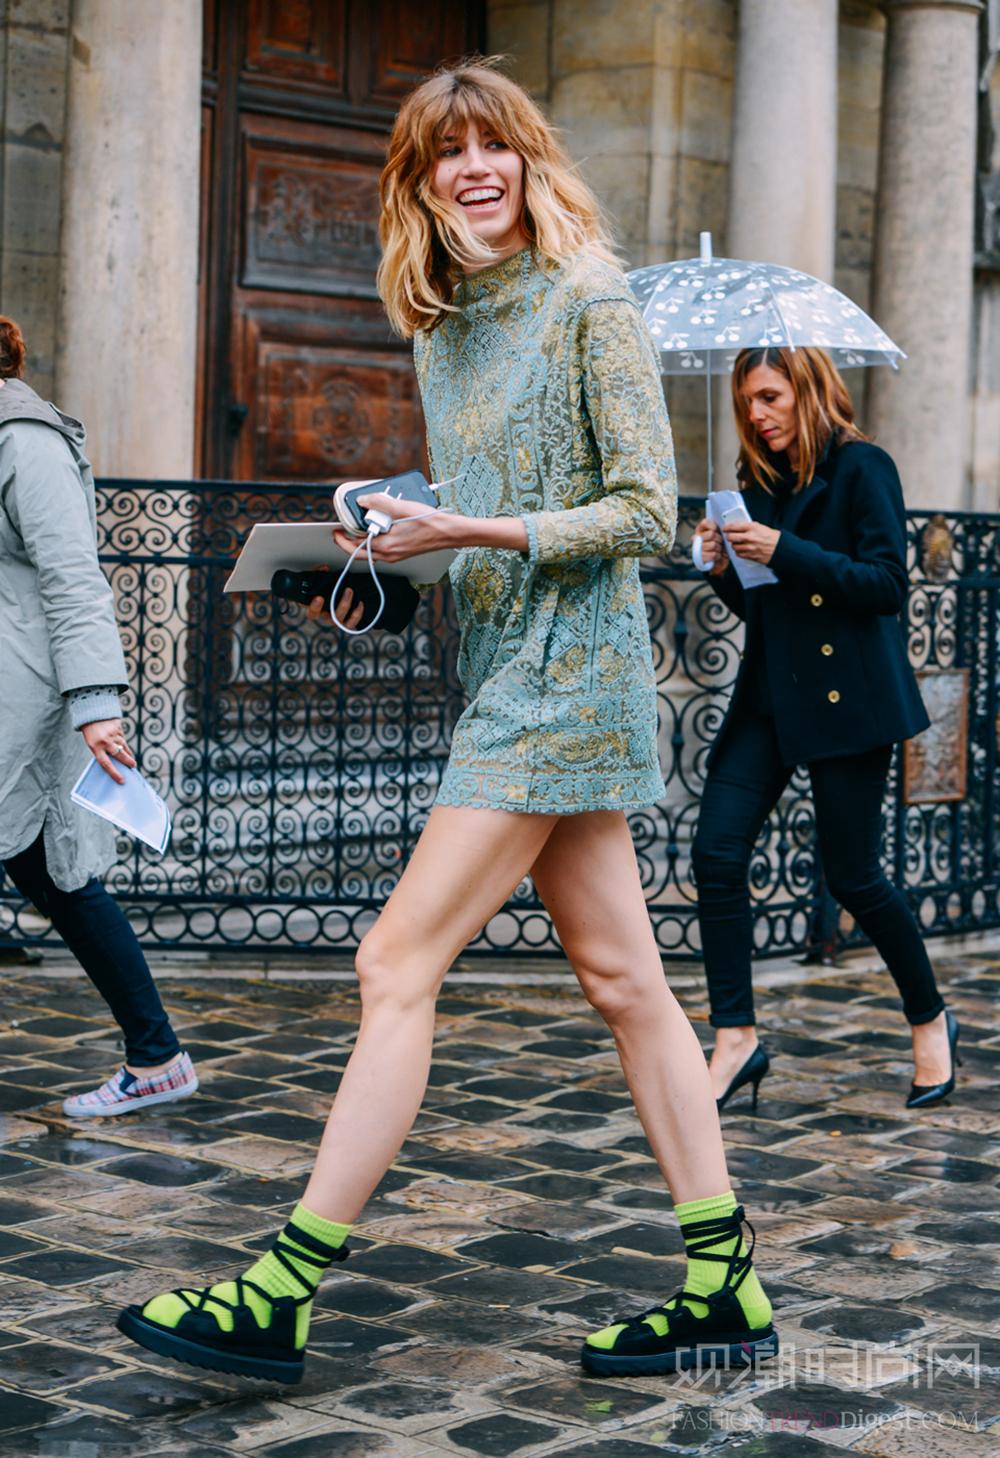 罗马鞋一字鞋都弱爆了,绑带鞋...